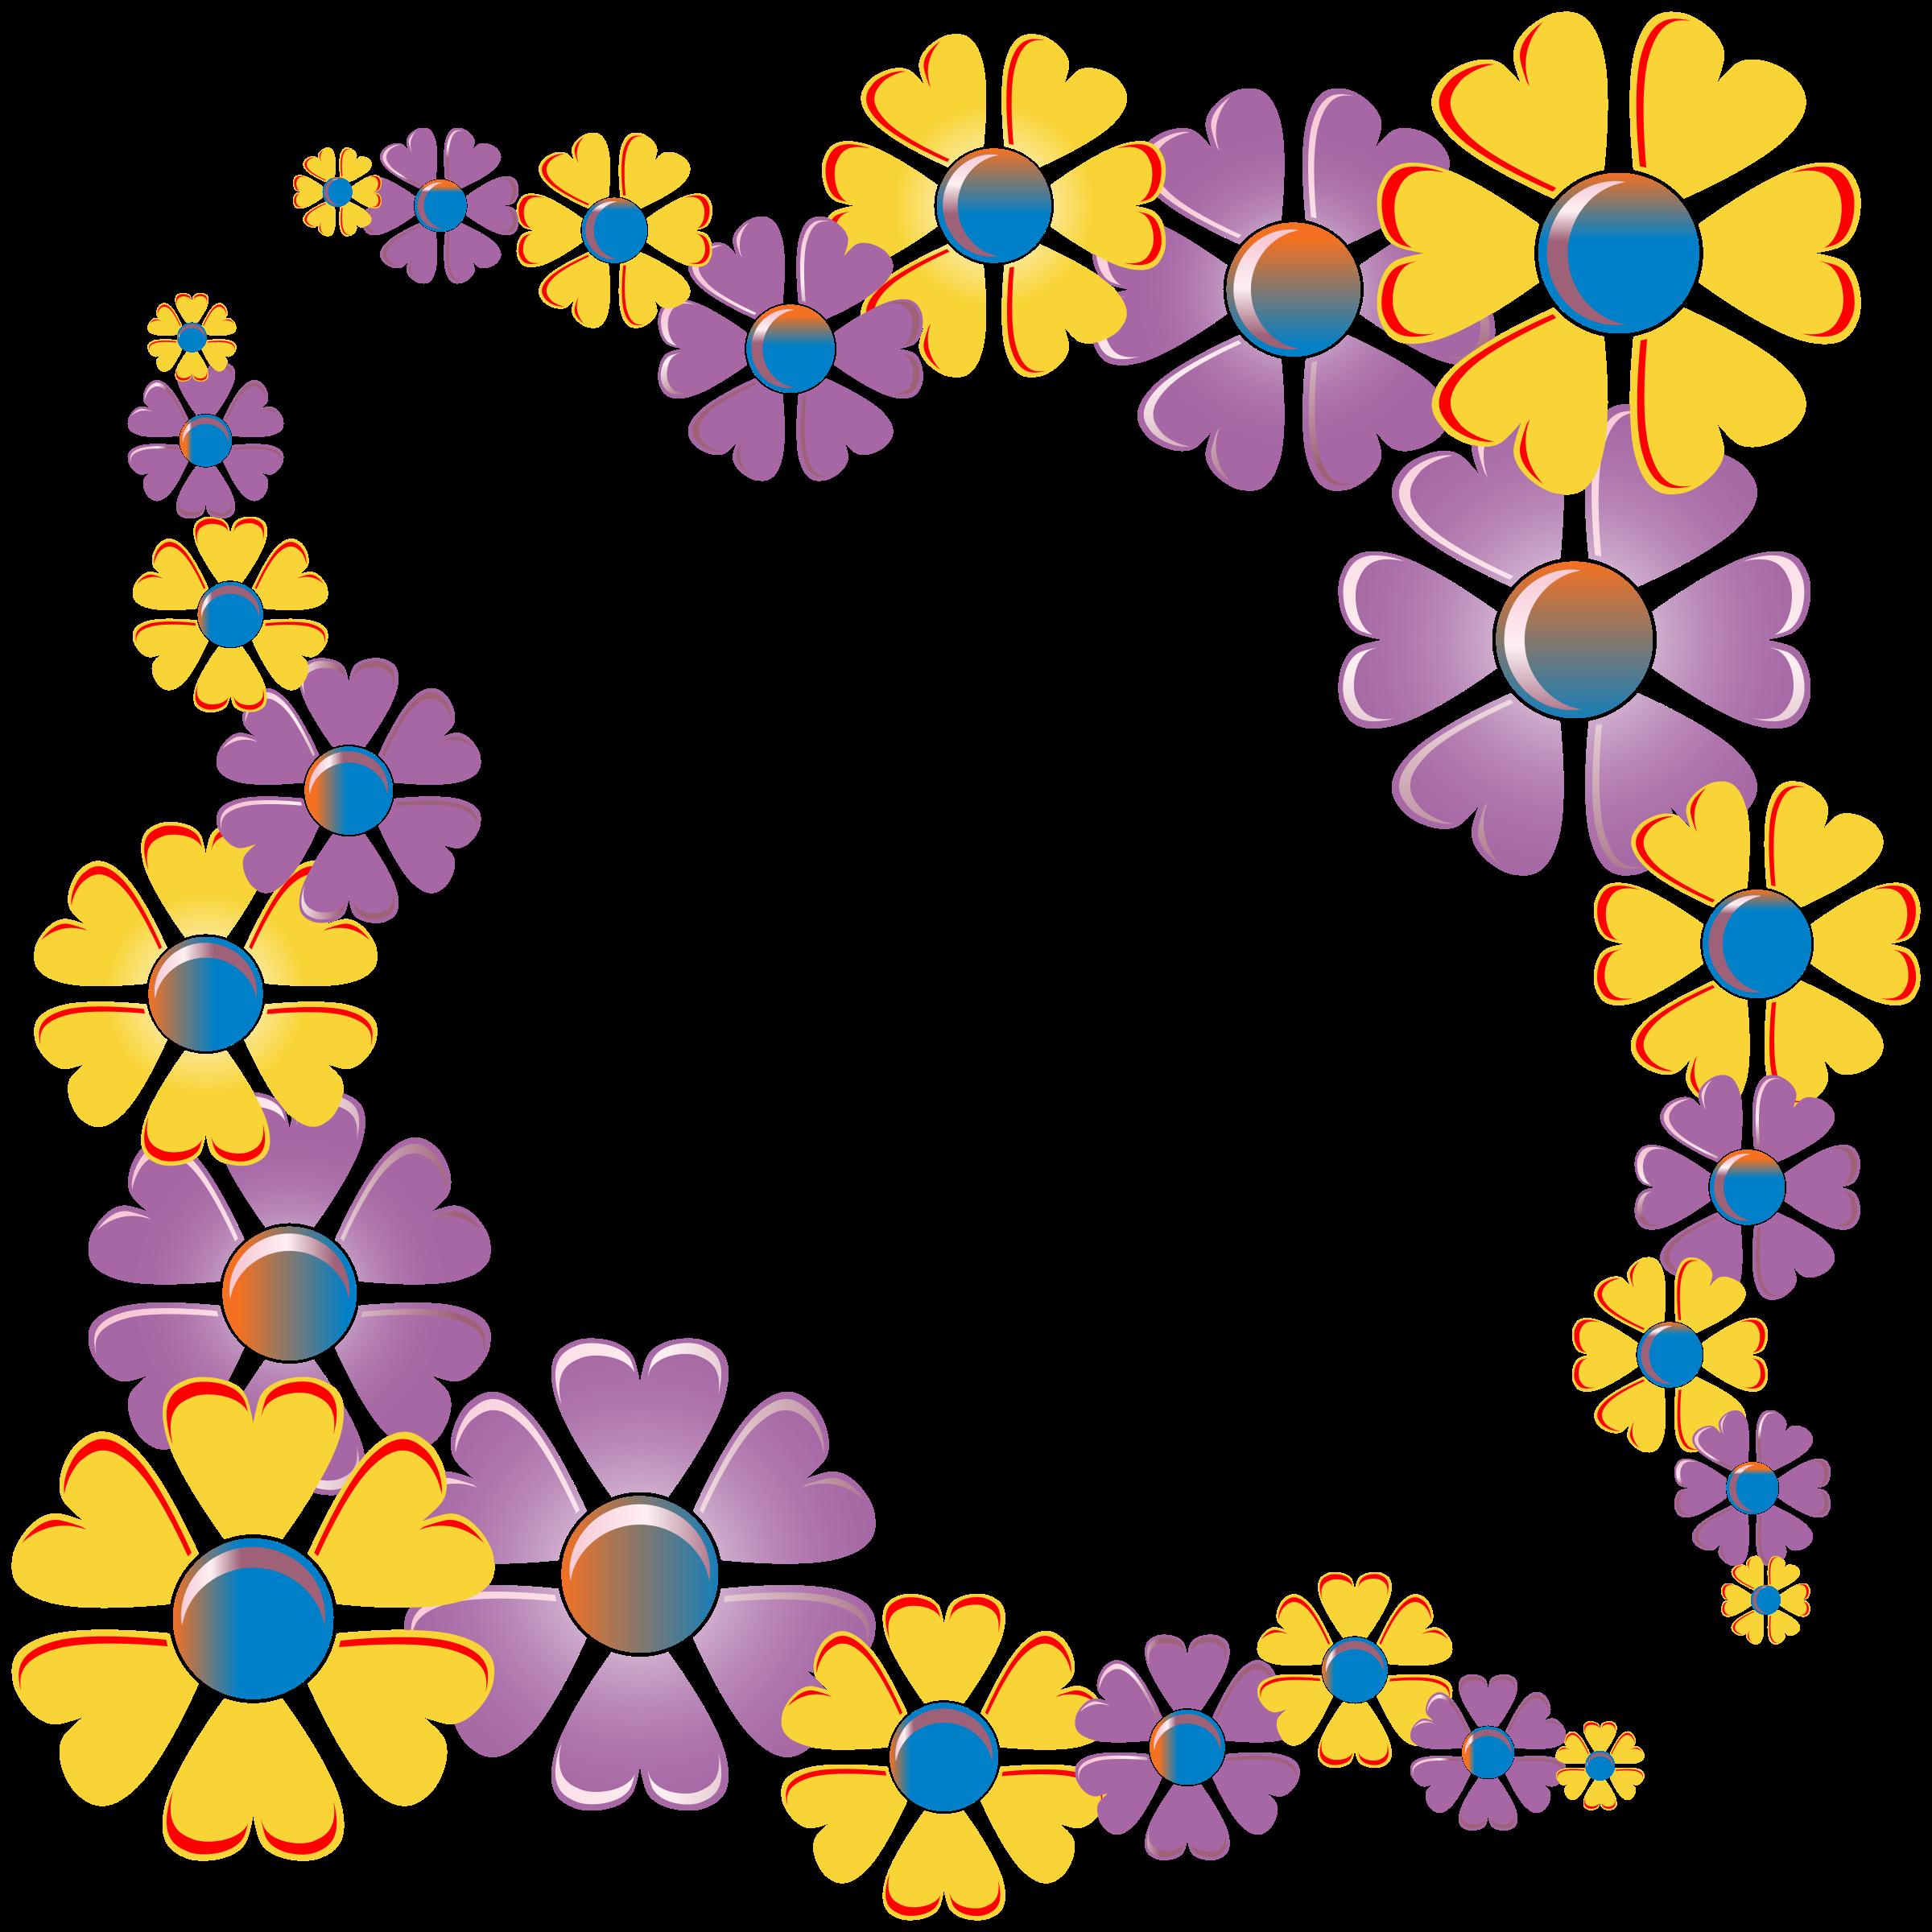 Flower corner clipart. Variation frame big image